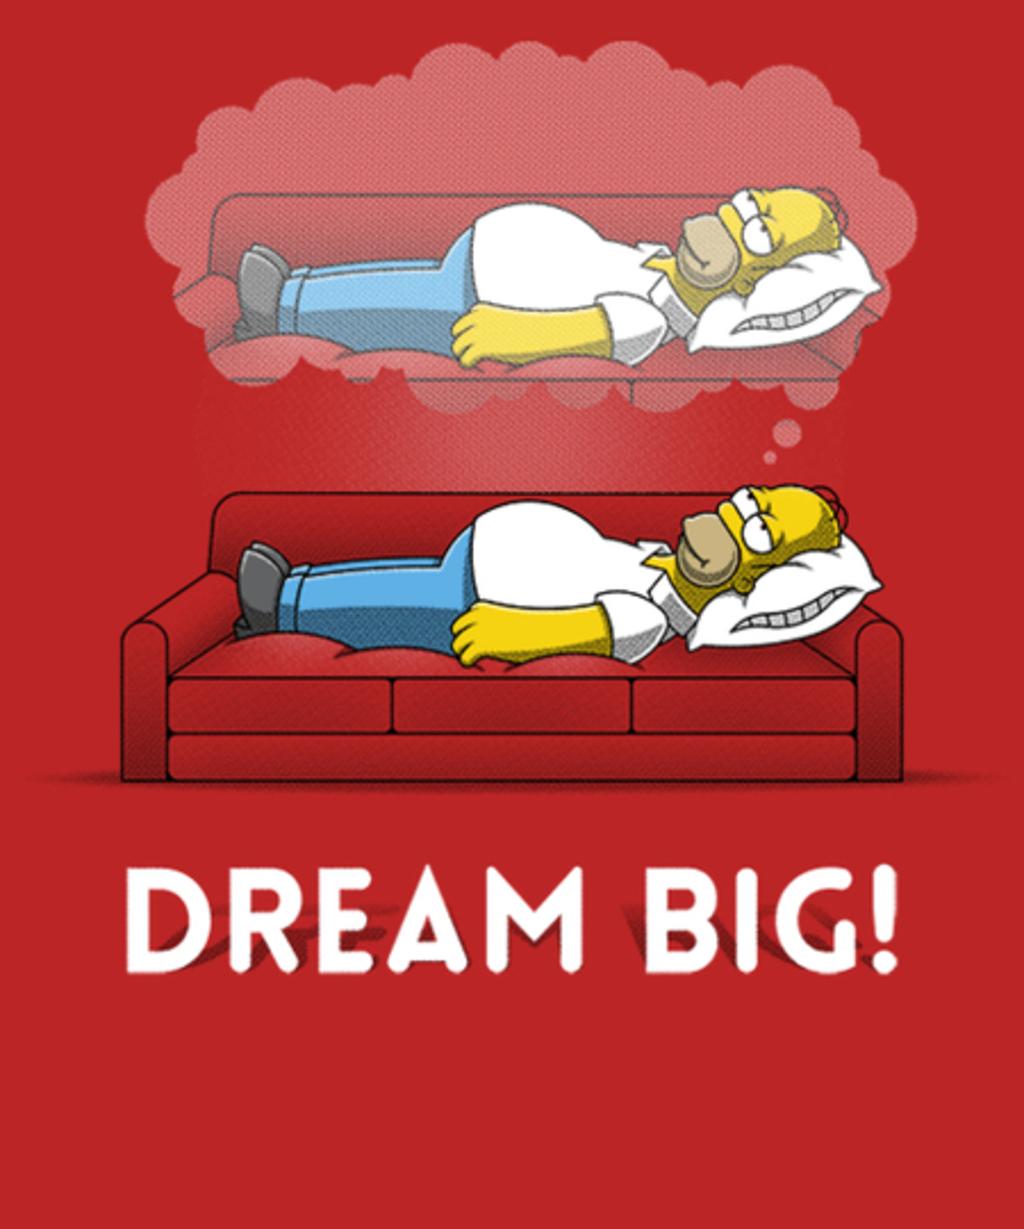 Qwertee: Dream Big!